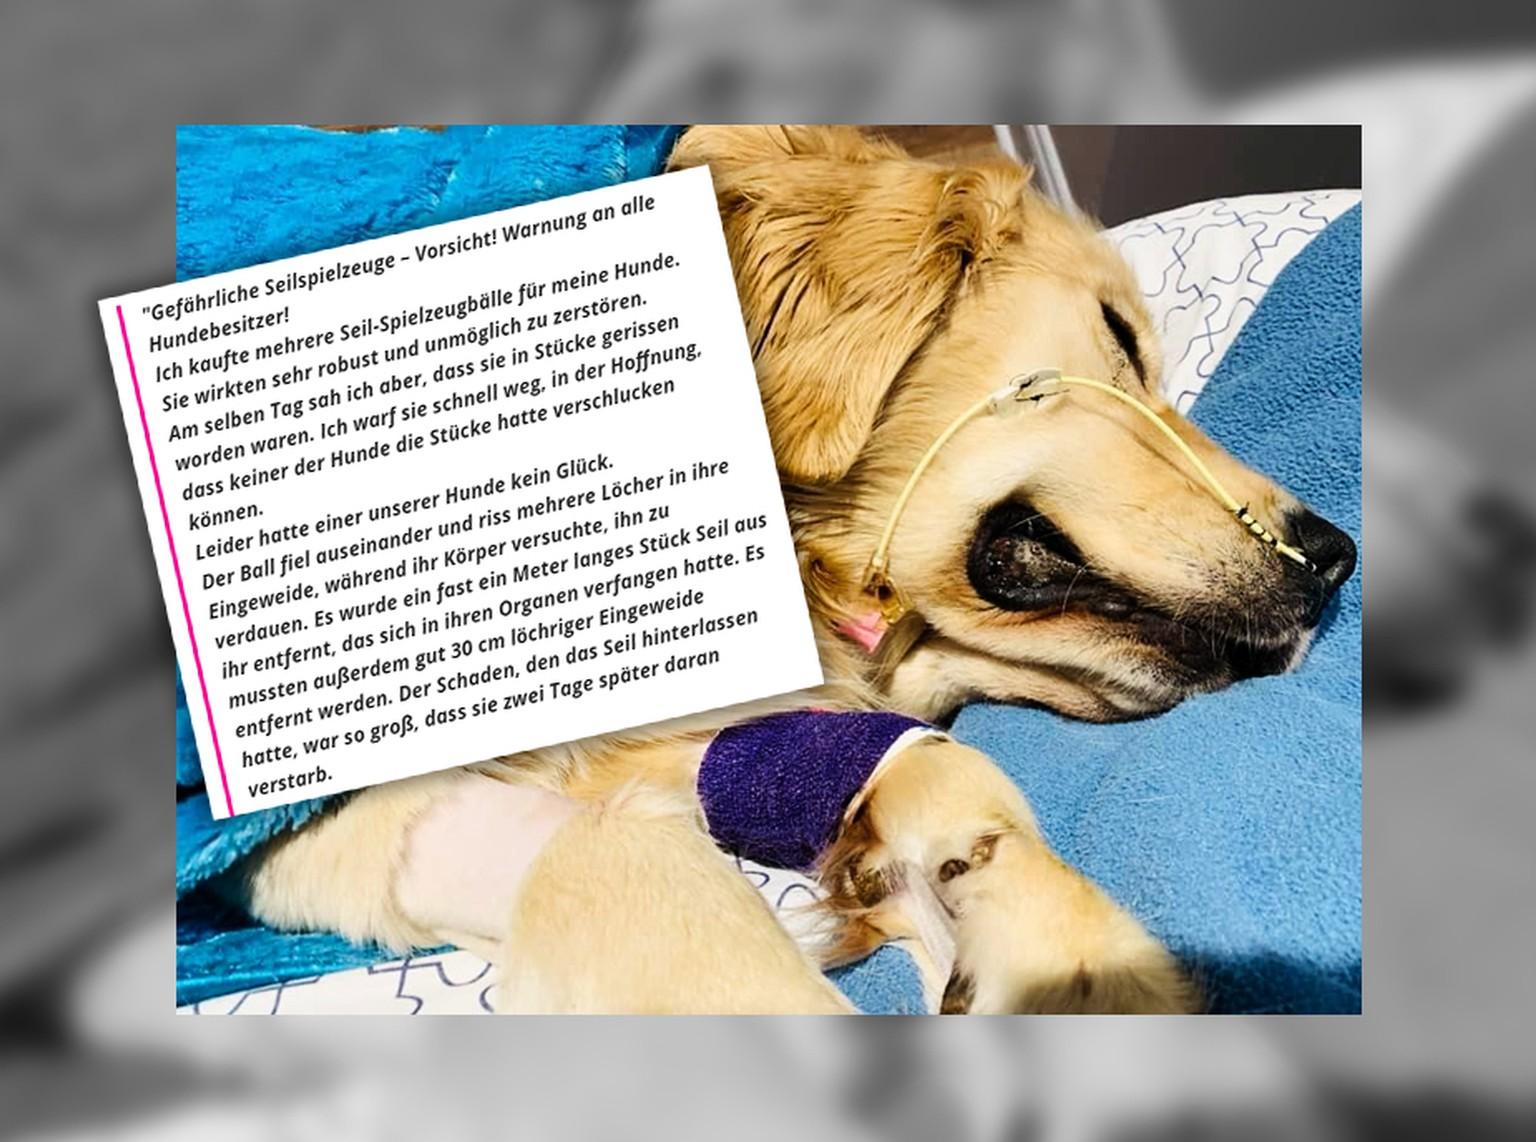 Hund Nach Tod Von Golden Retriever Spricht Hunde Besitzerin